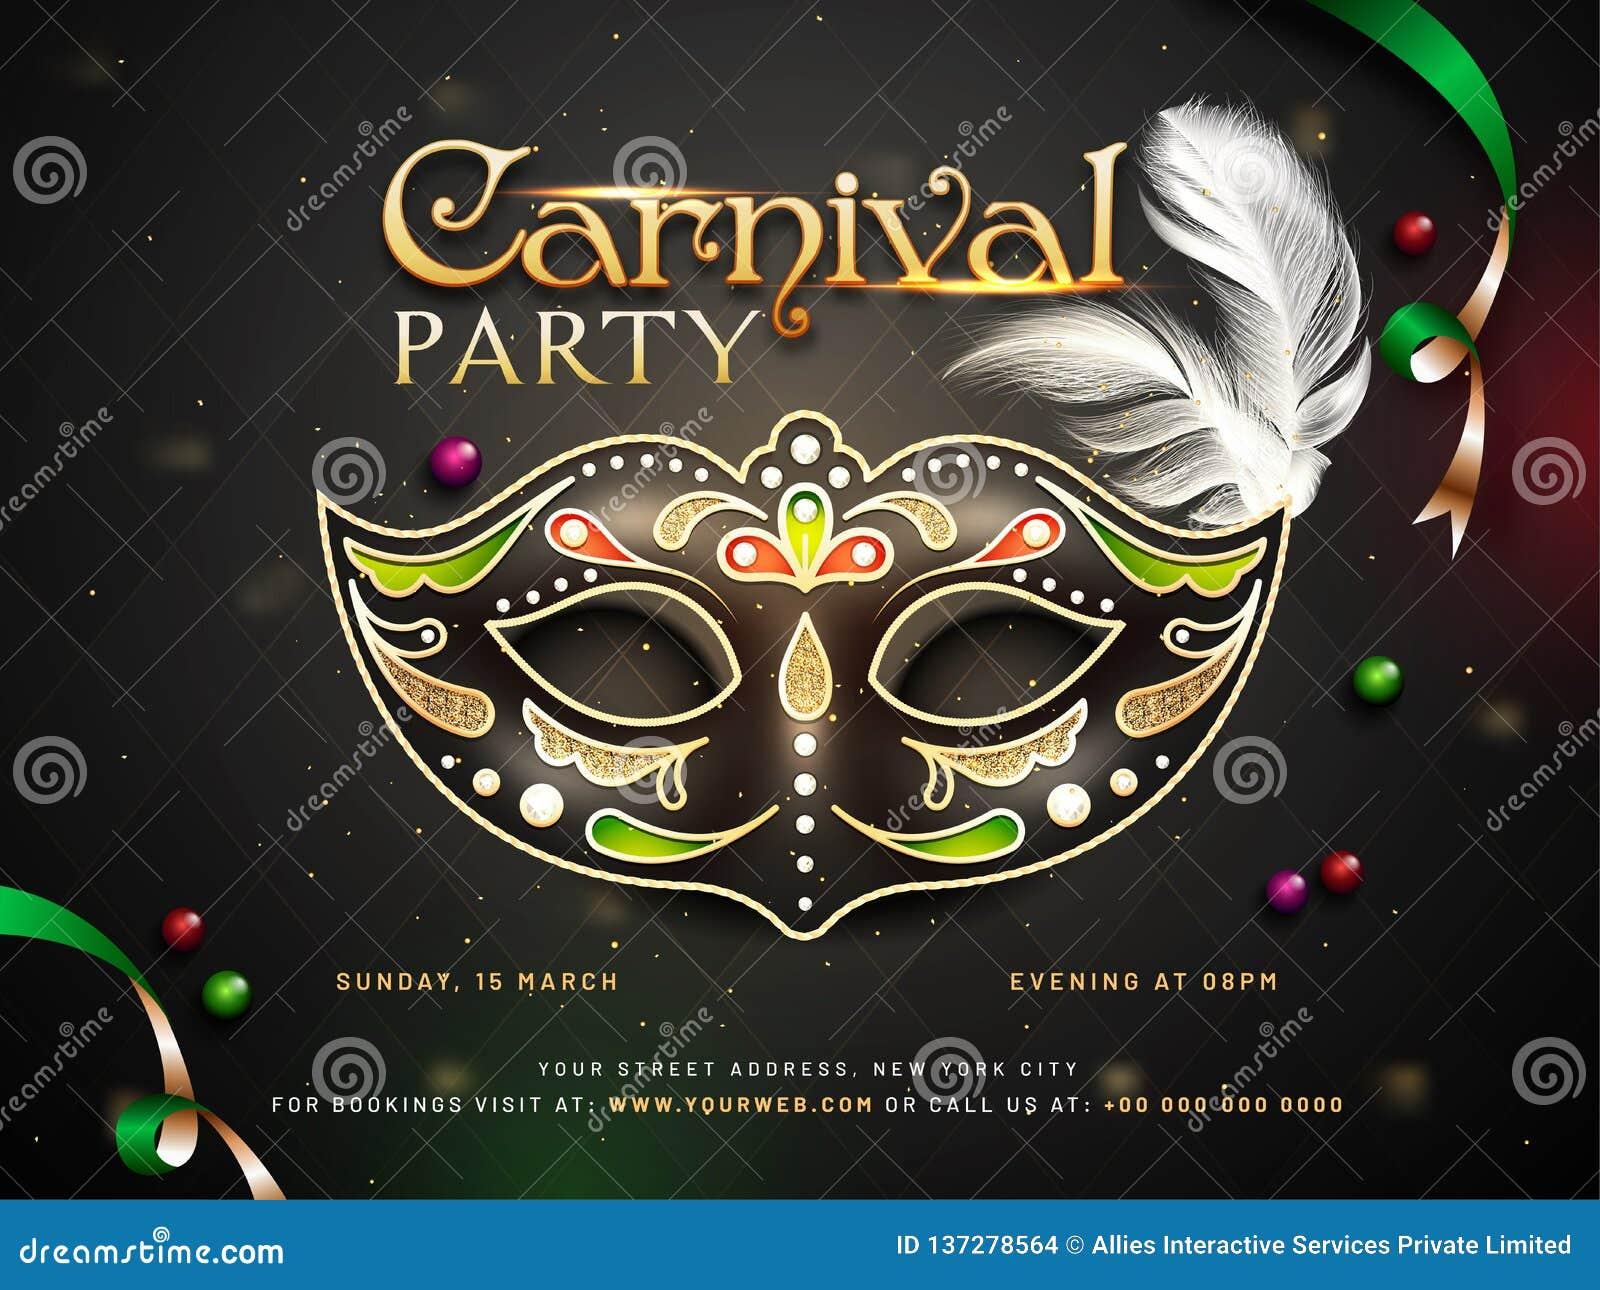 狂欢节党与装饰面具和时间,地点细节的海报或模板设计